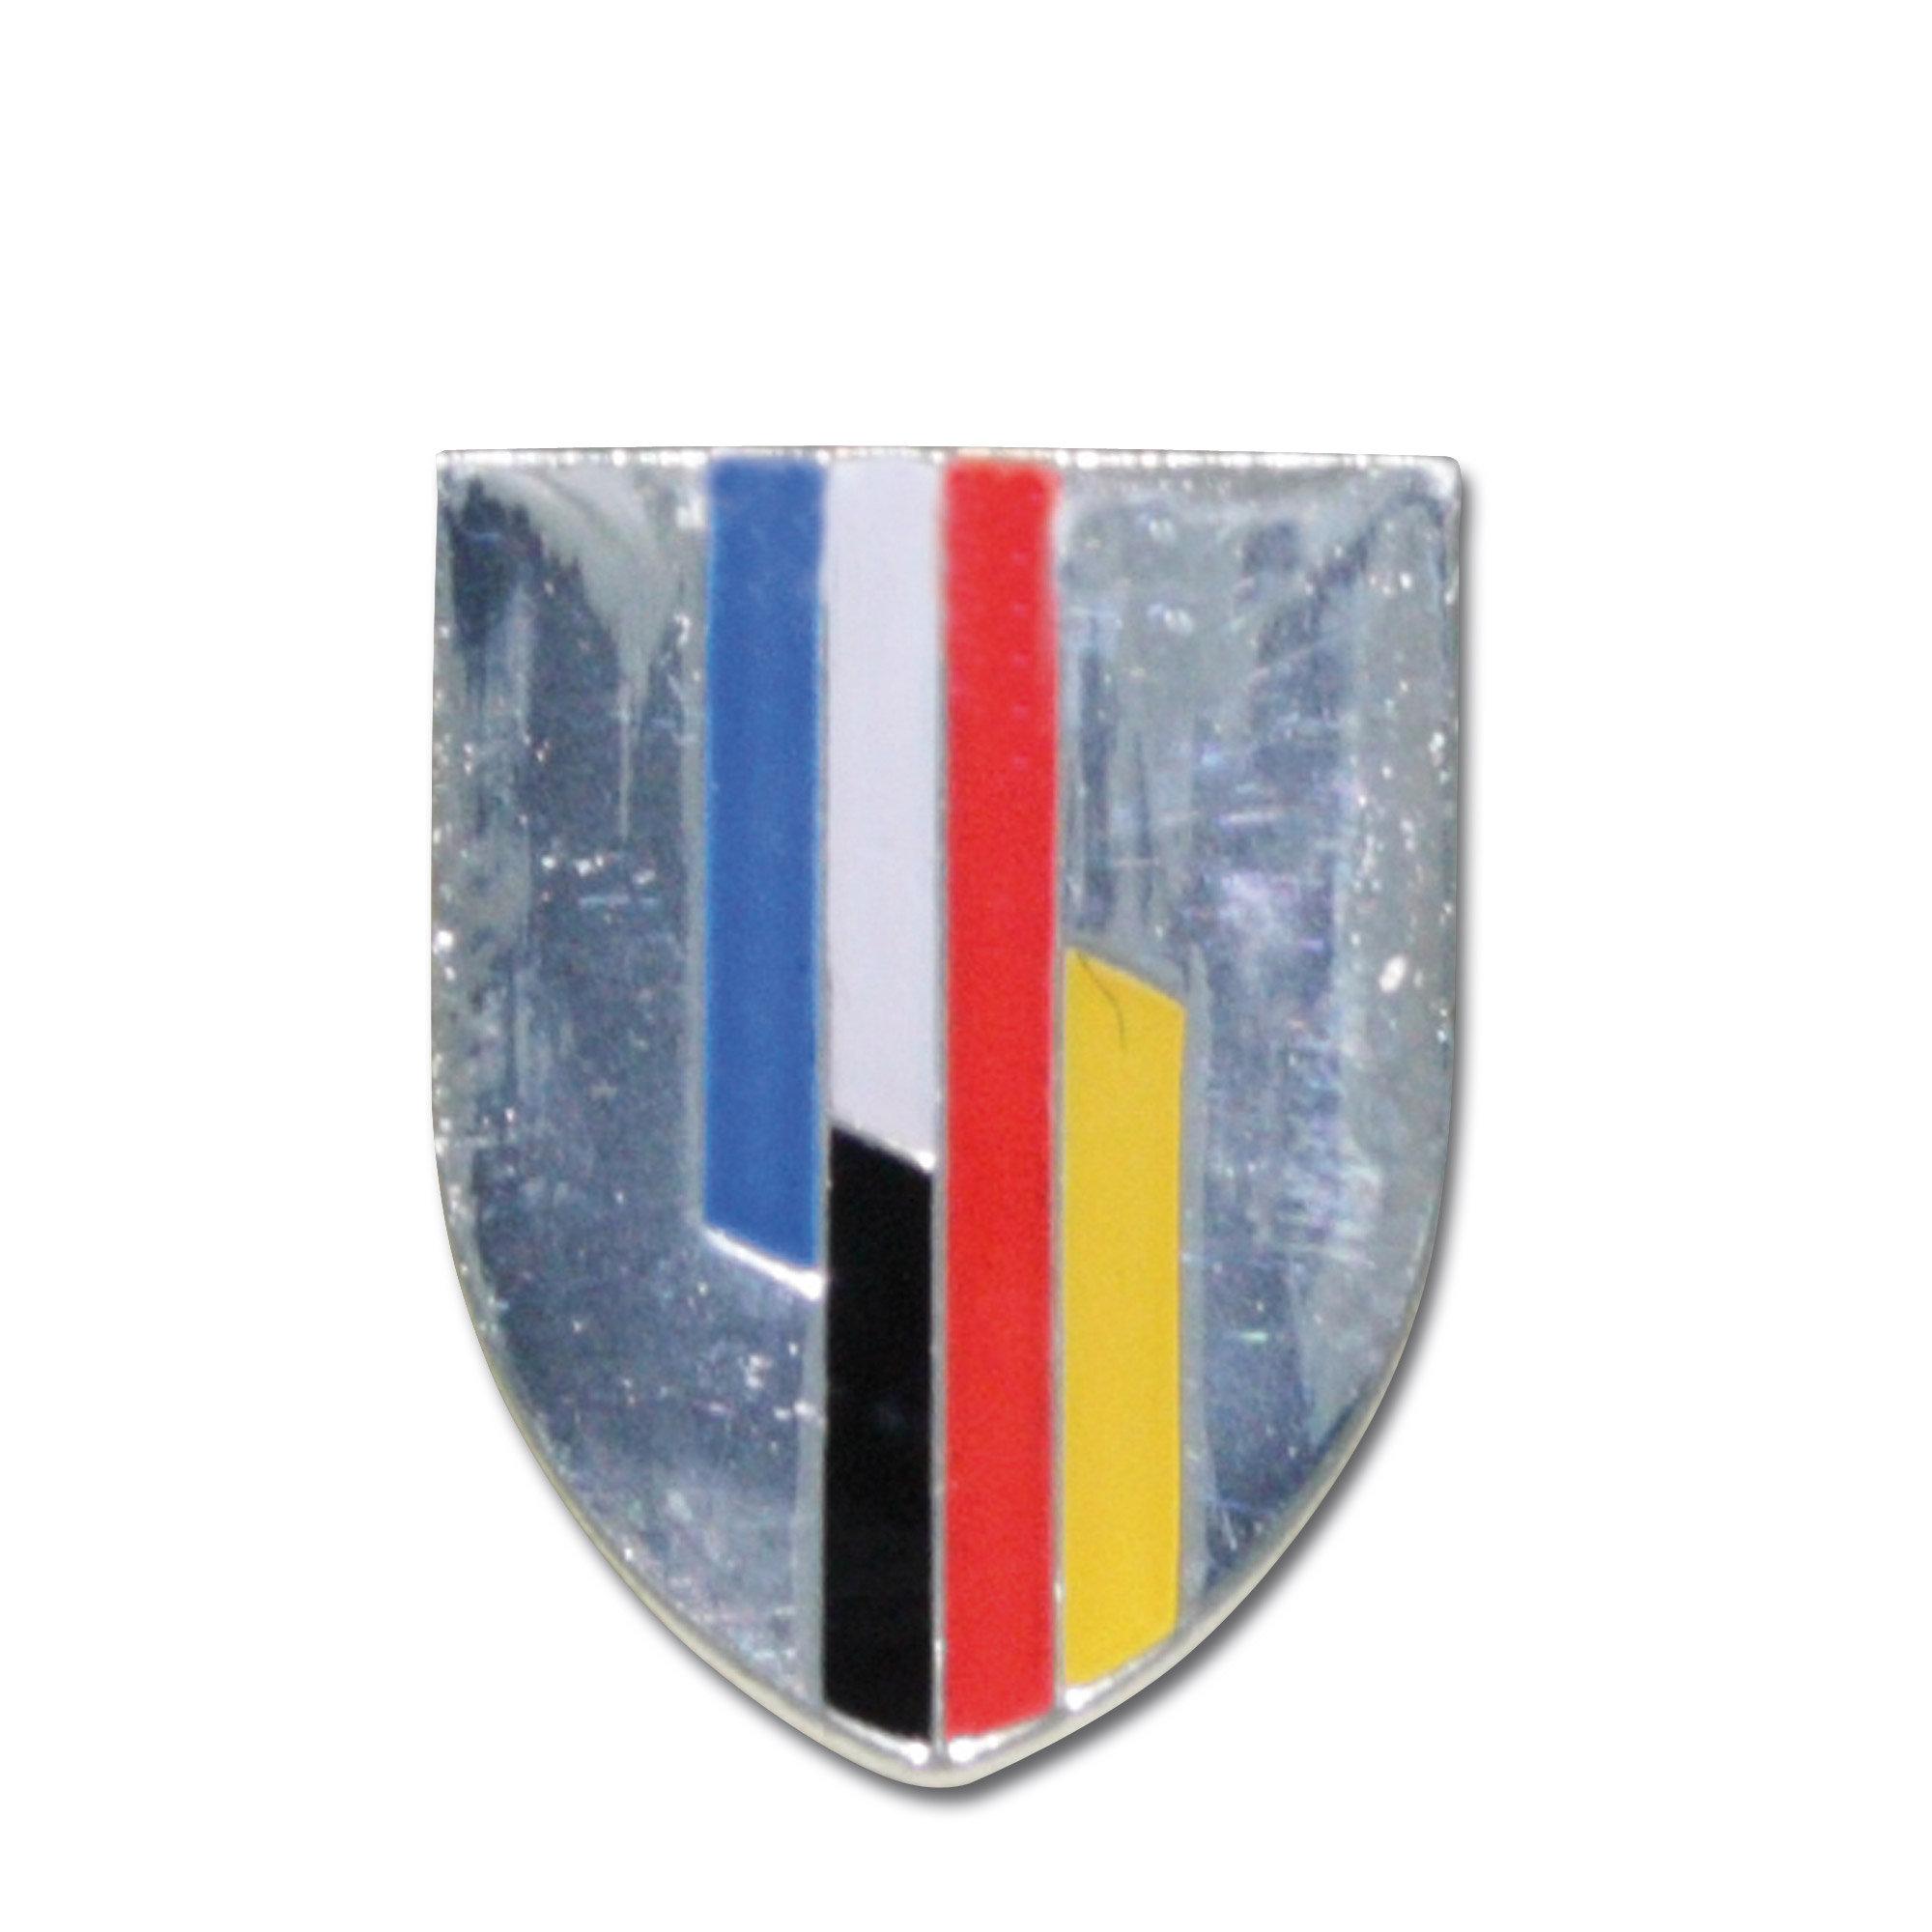 Pin D/F Brigade